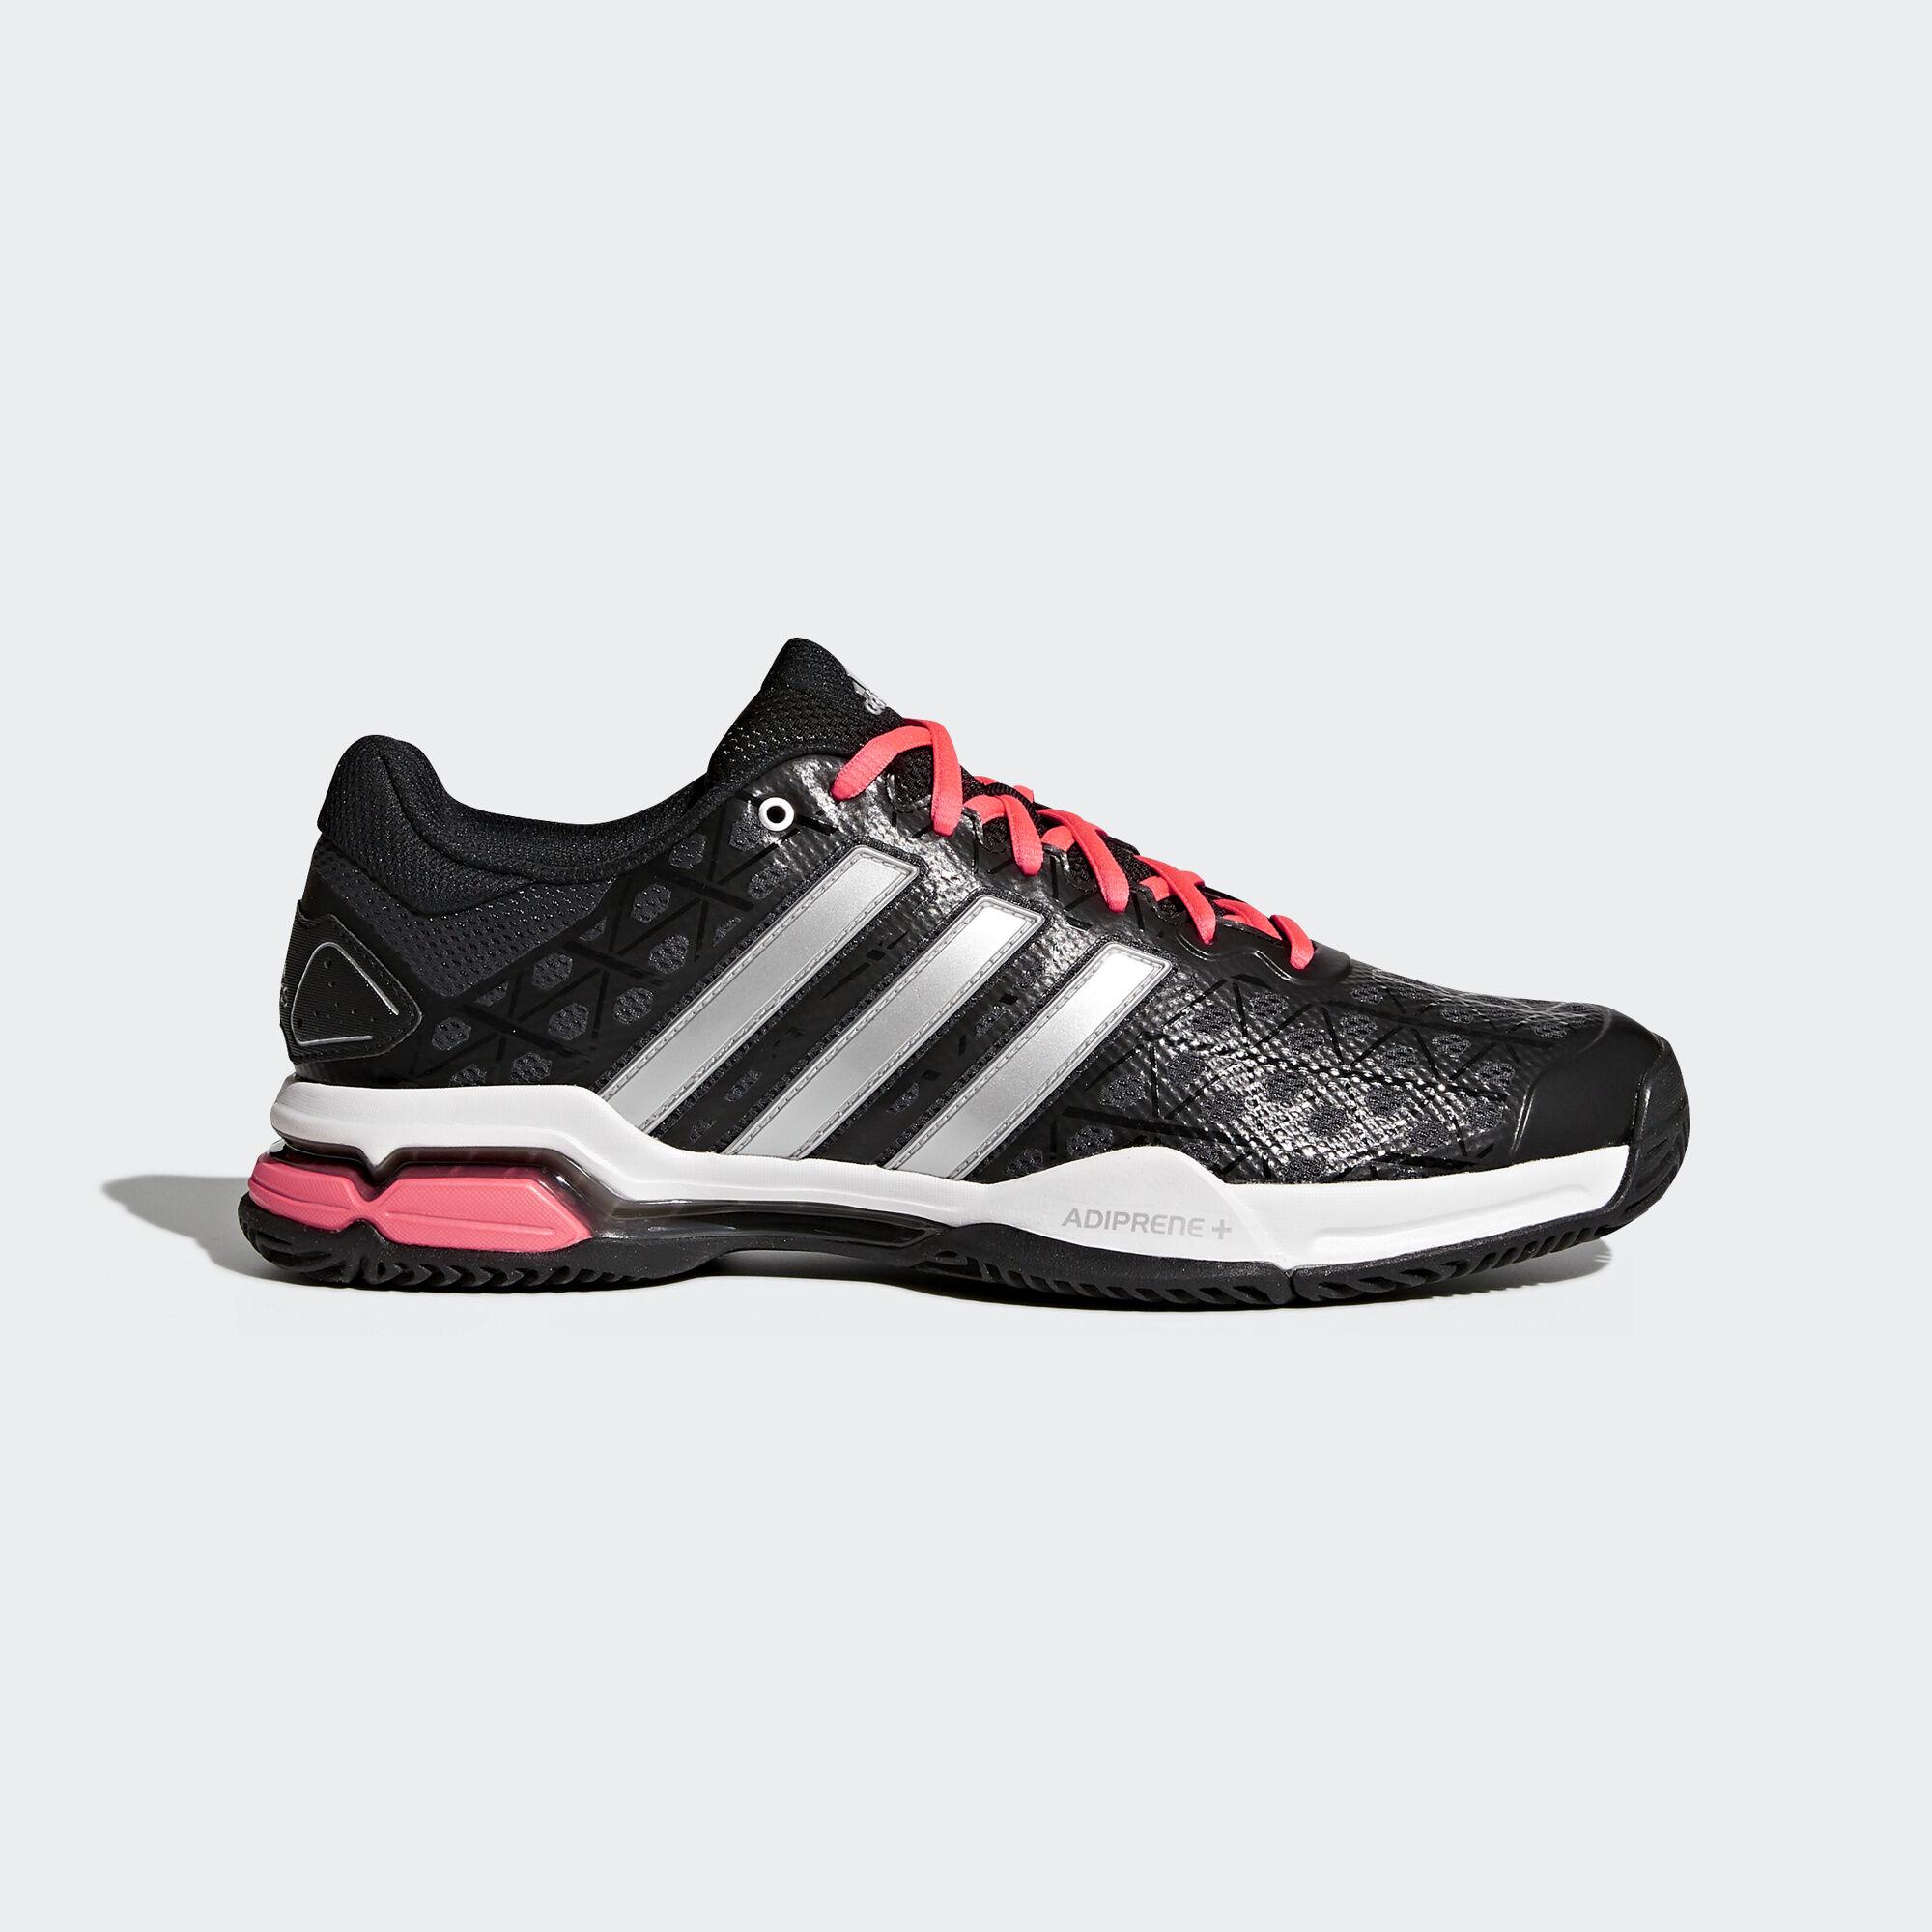 comprar online 427d2 20203 Adidas adidas Tenis Superstar Decimas adidas Zapatillas ...